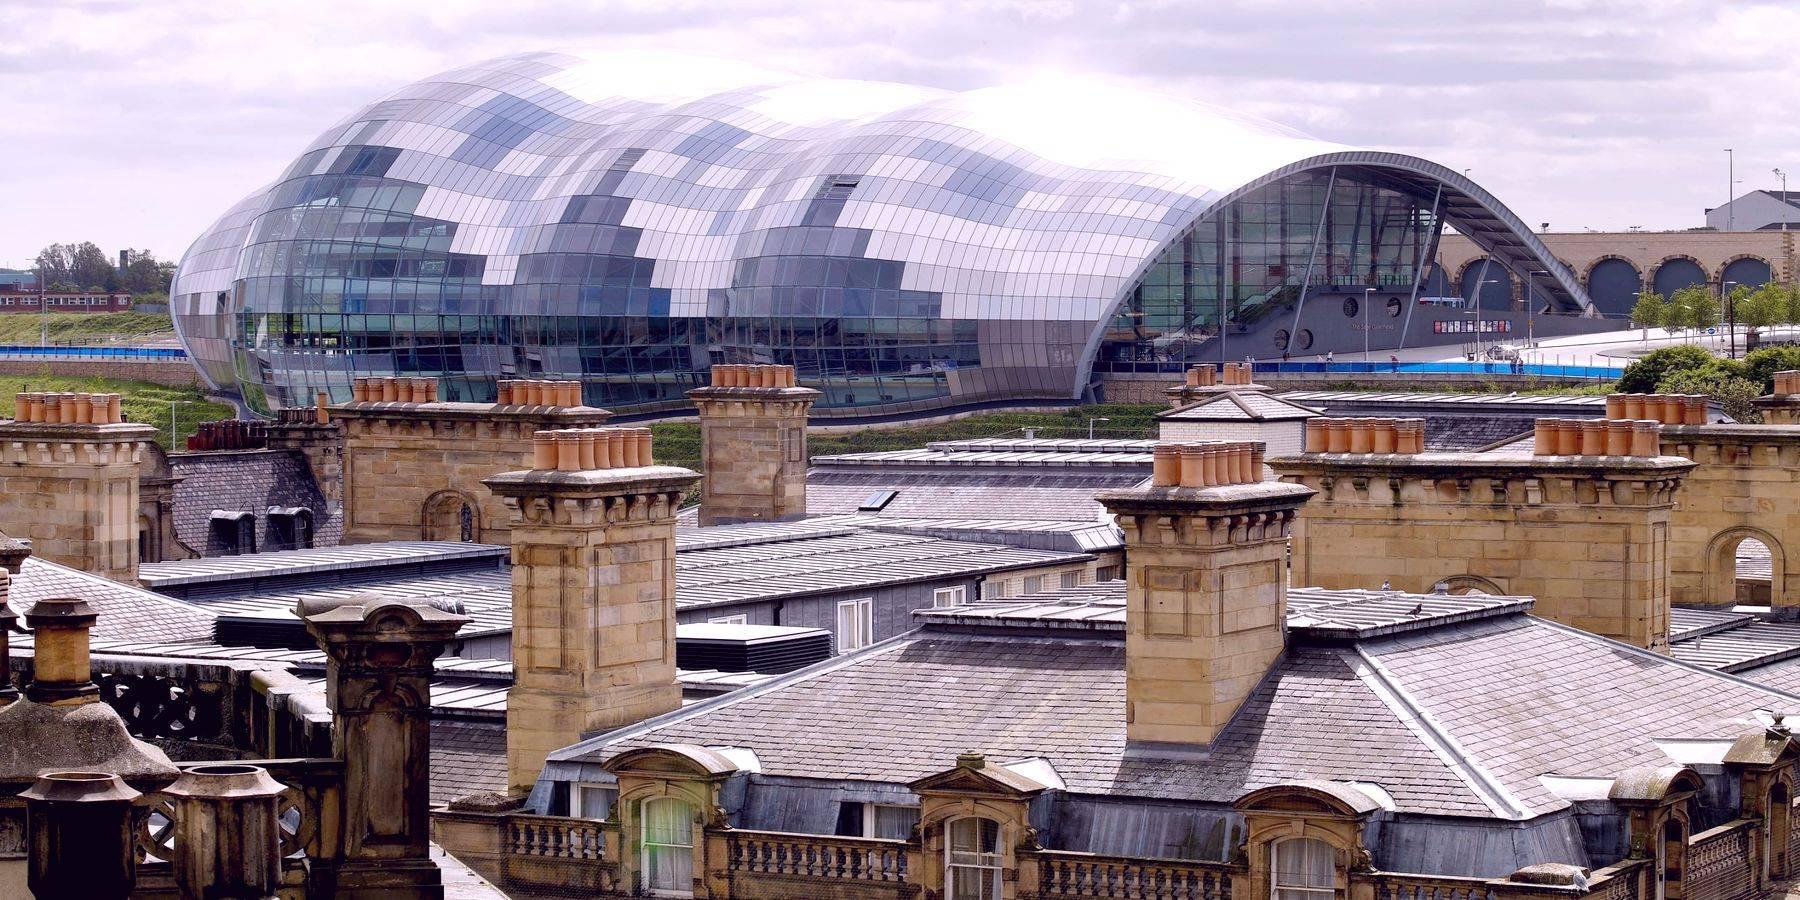 Концертный зал Sage Gateshead - пример архитектурного стиля блобизм